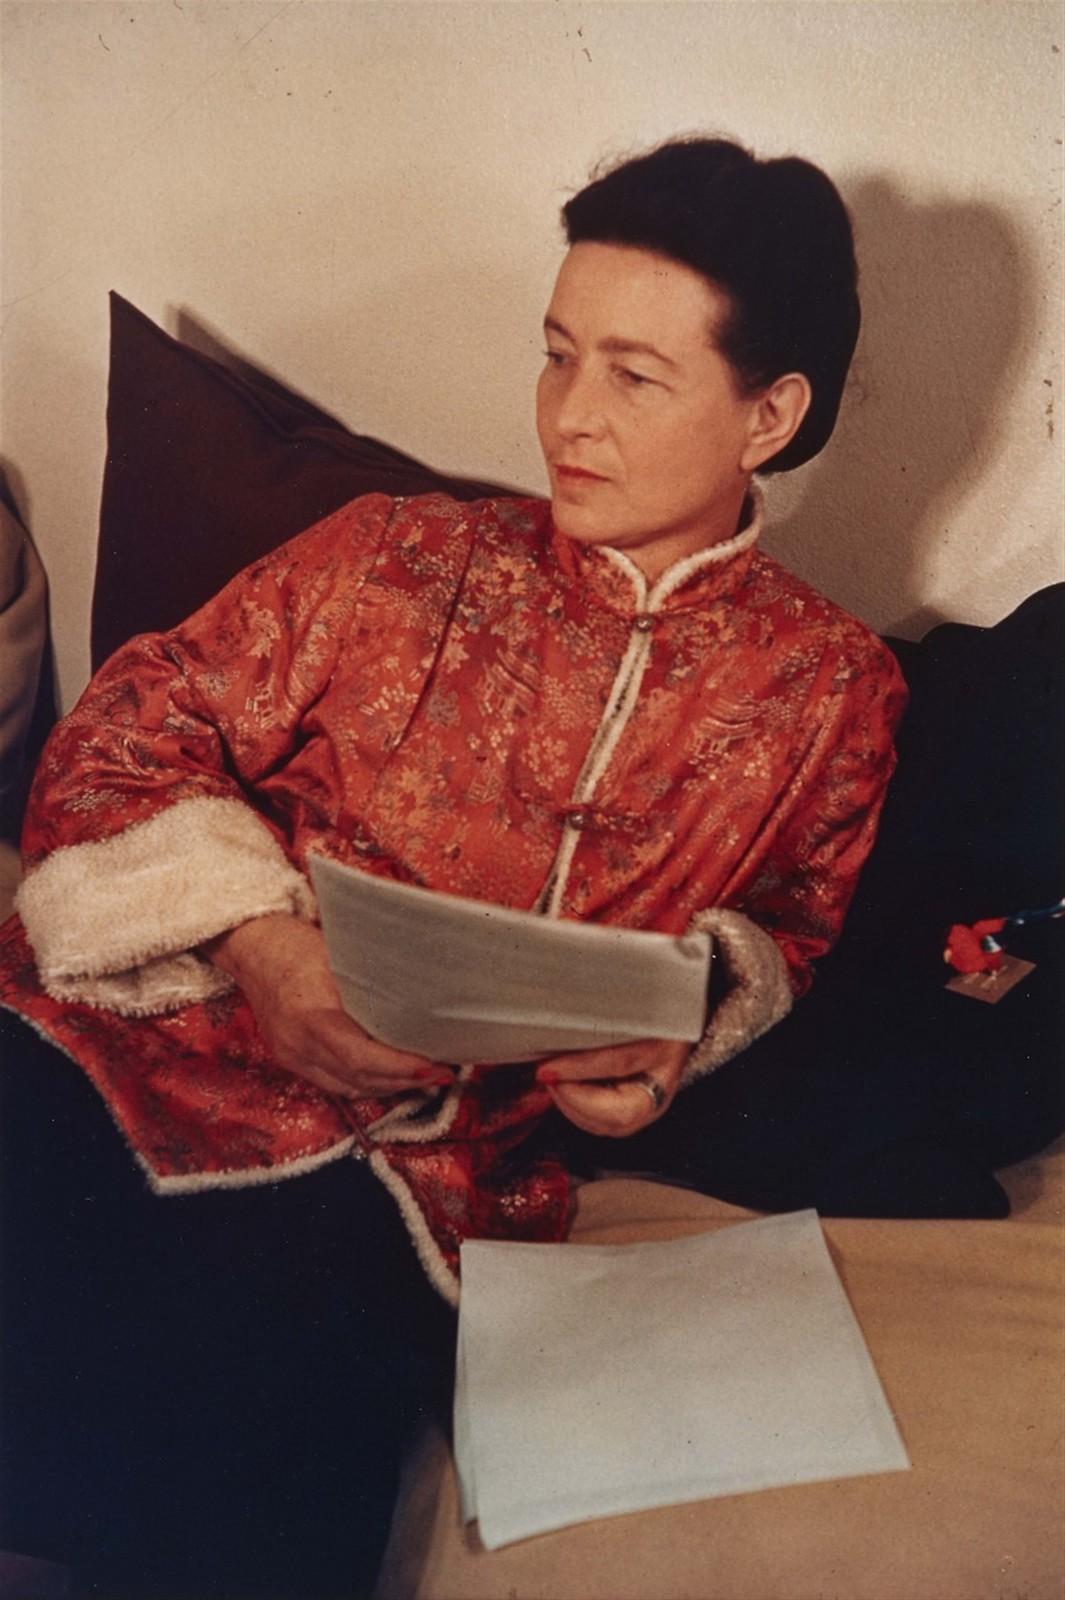 1939. Симона де Бовуар (французская писательница, представительница экзистенциальной философии, идеолог феминистского движения)